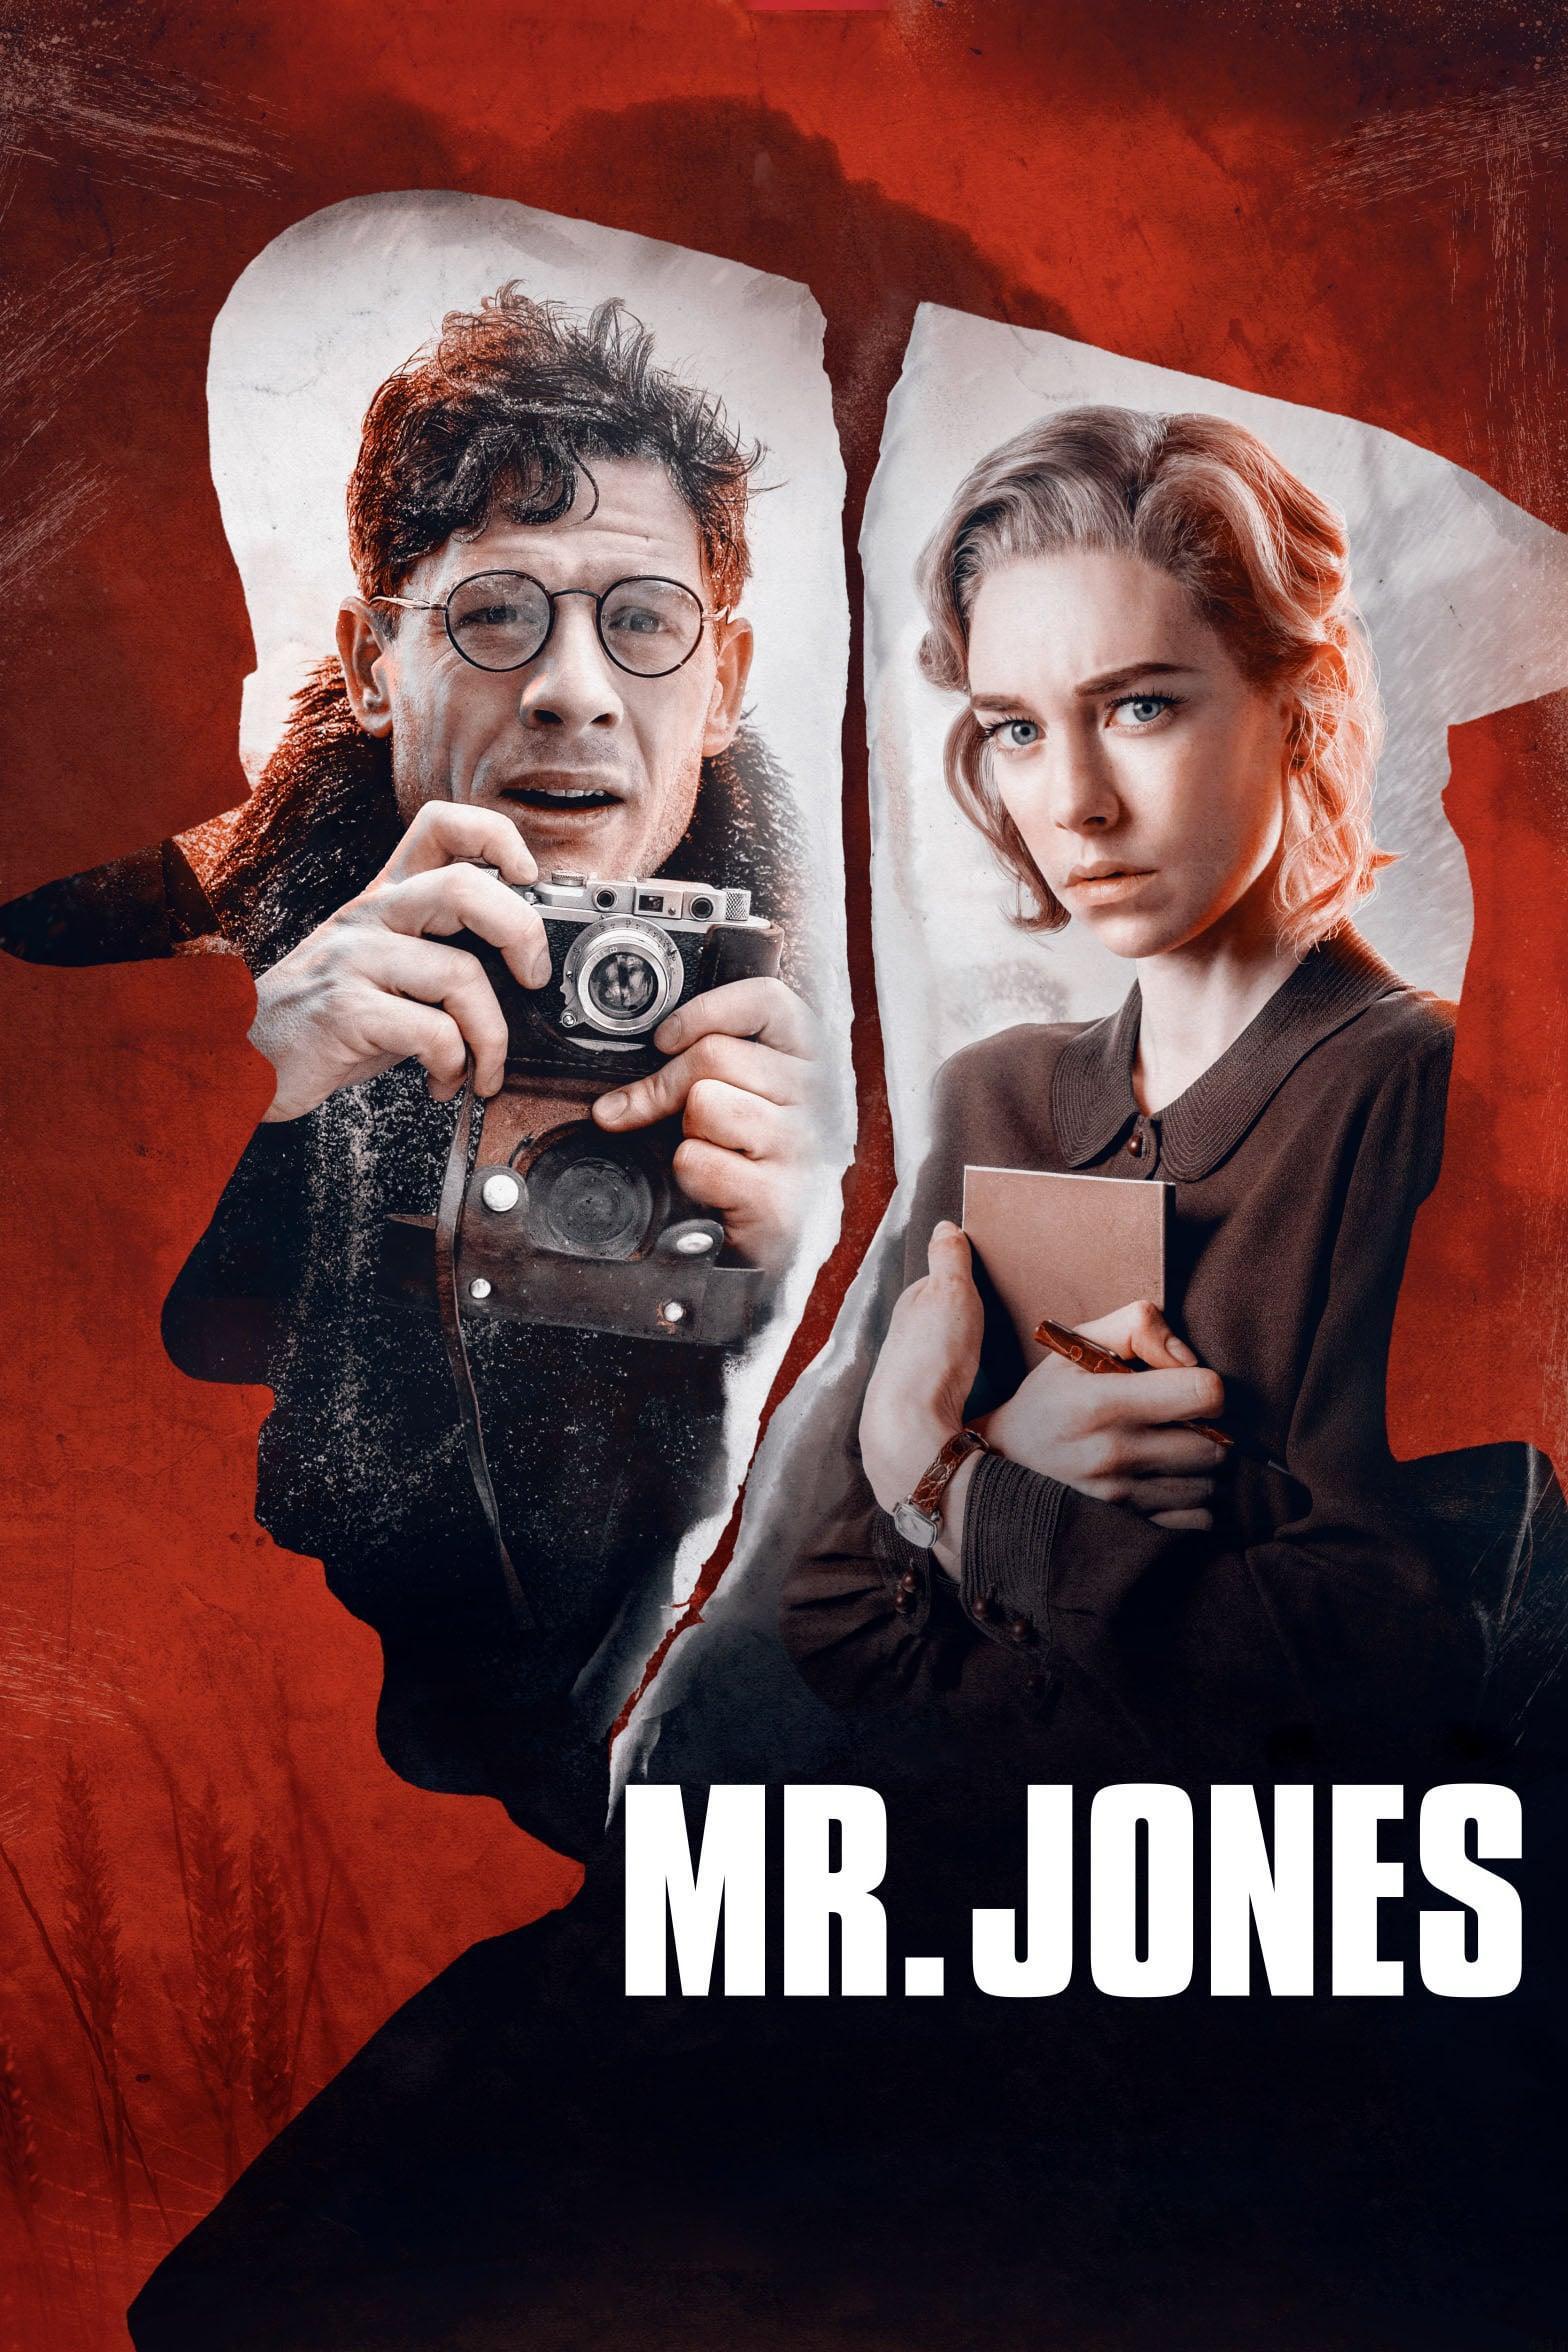 فیلم Mr. Jones آقای جونز - نقد فیلم Mr. Jones - آقای جونز